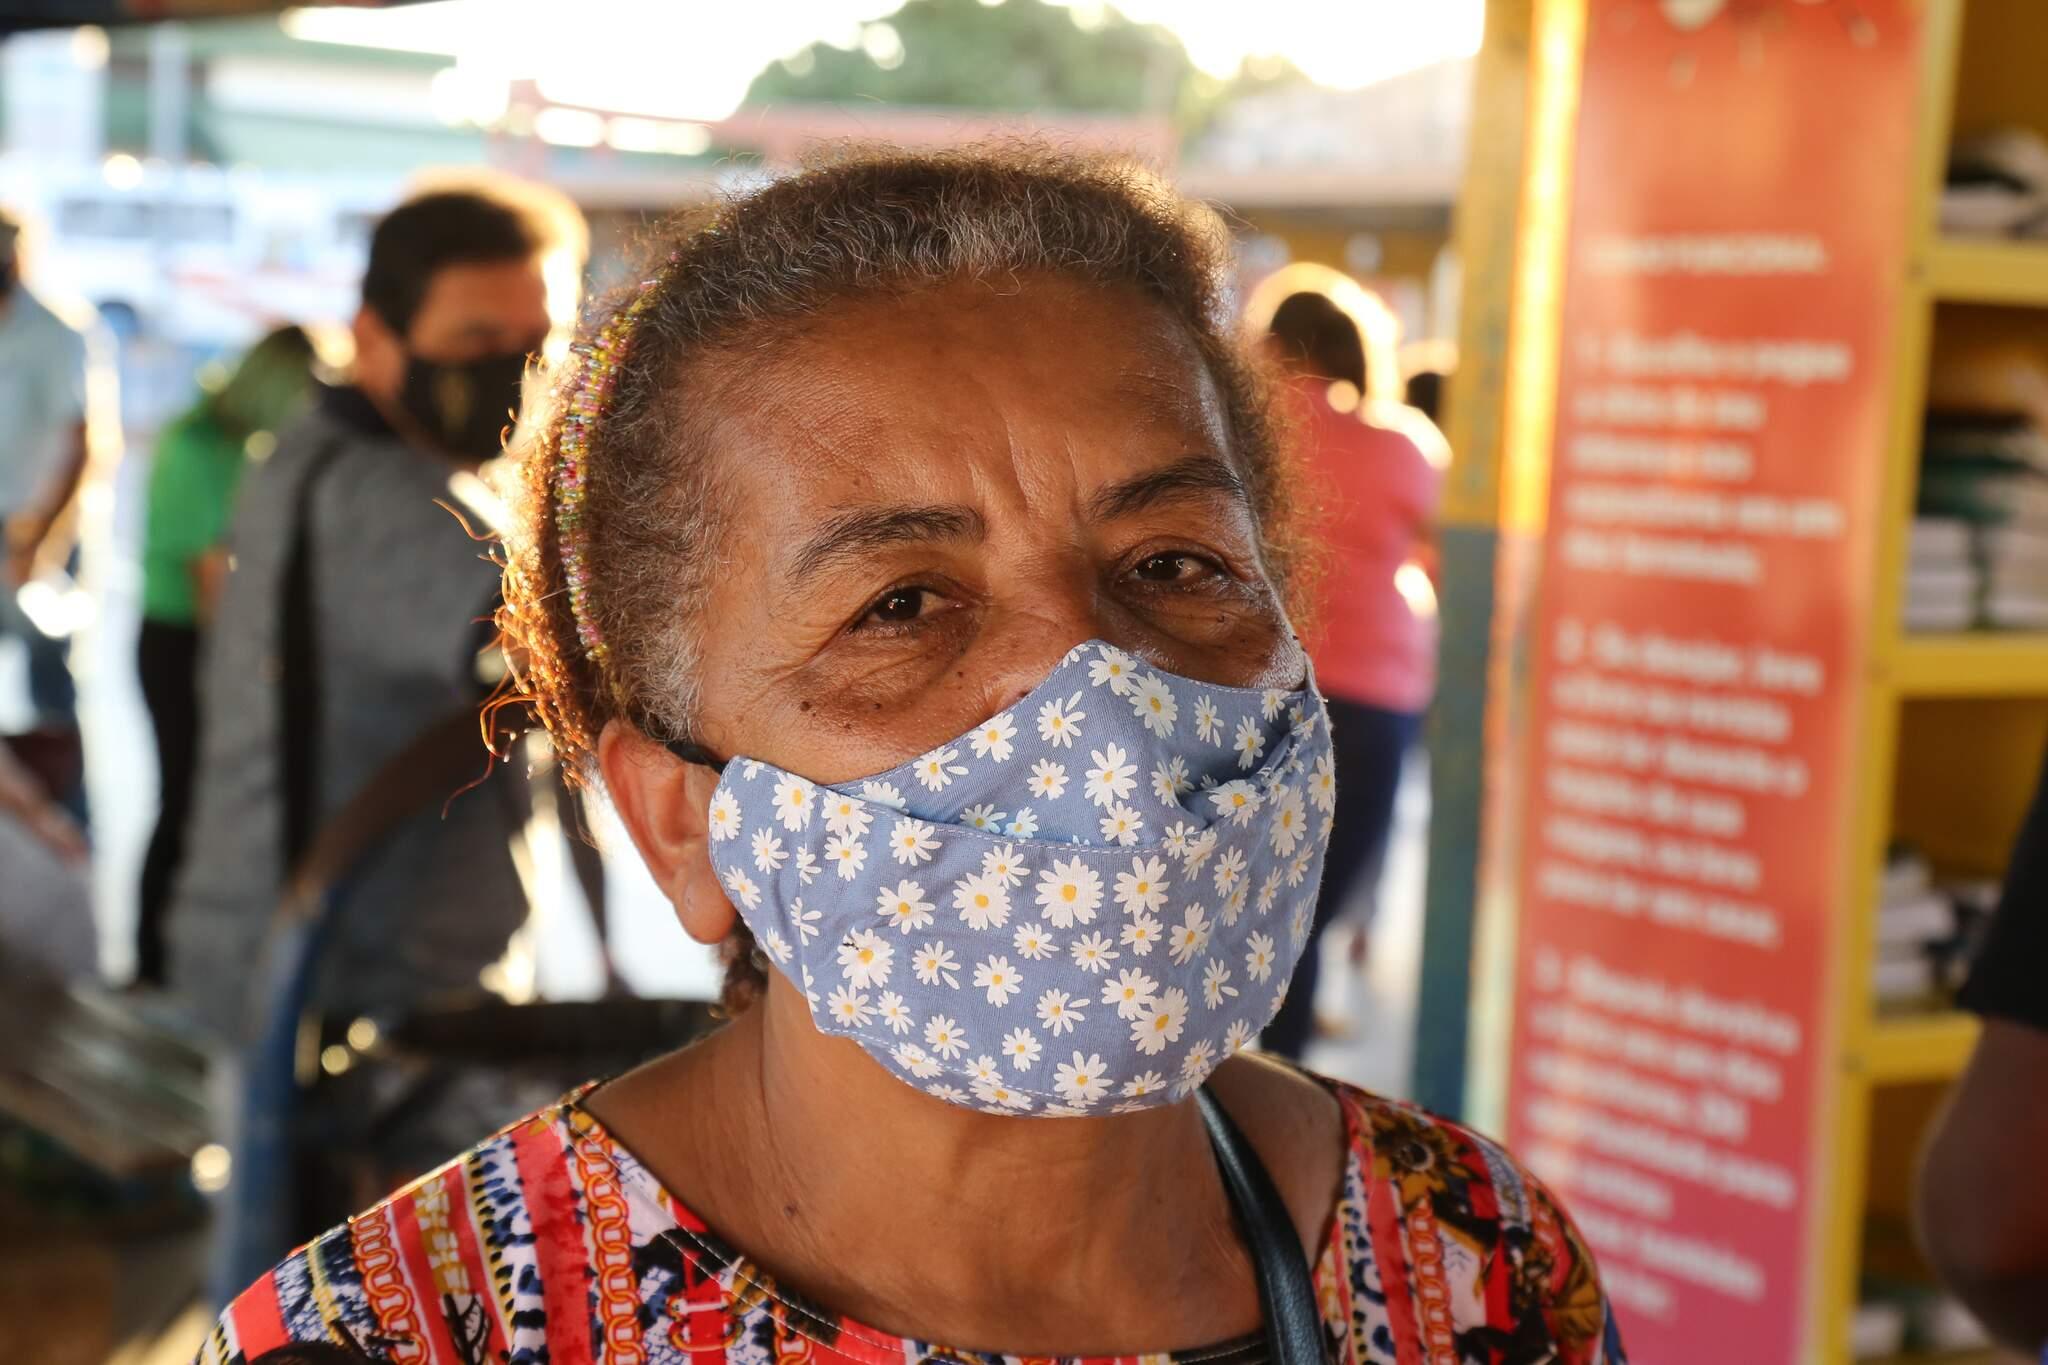 Auxiliar de serviços gerais afirma que o silêncio diante de um assédio precisa ser quebrado (Foto: Kisie Ainoã)